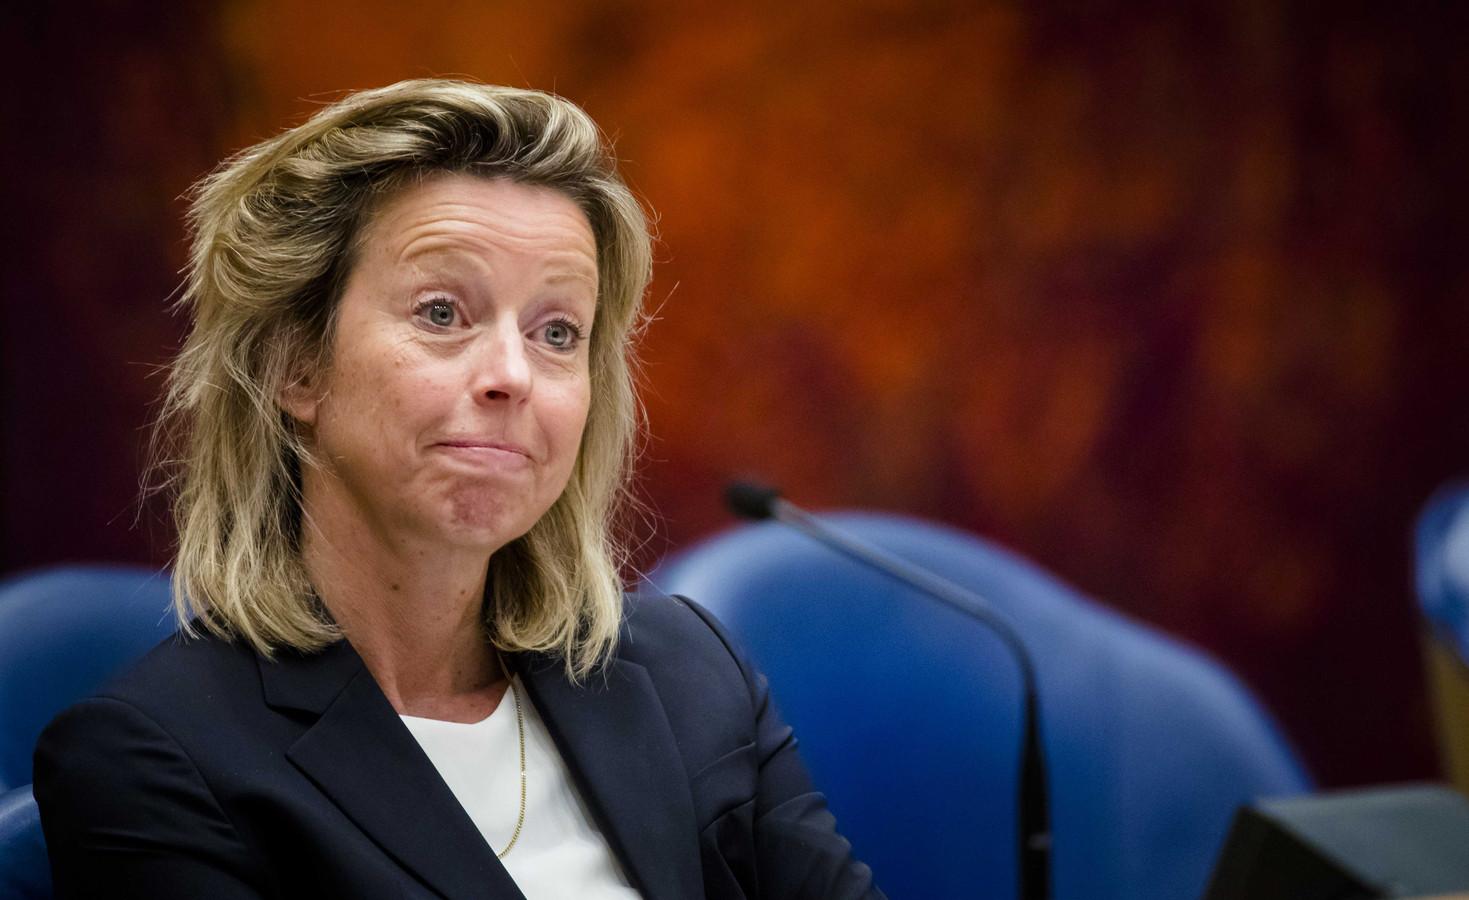 Minister Kajsa Ollongren van Binnenlandse Zaken en Koninkrijksrelaties